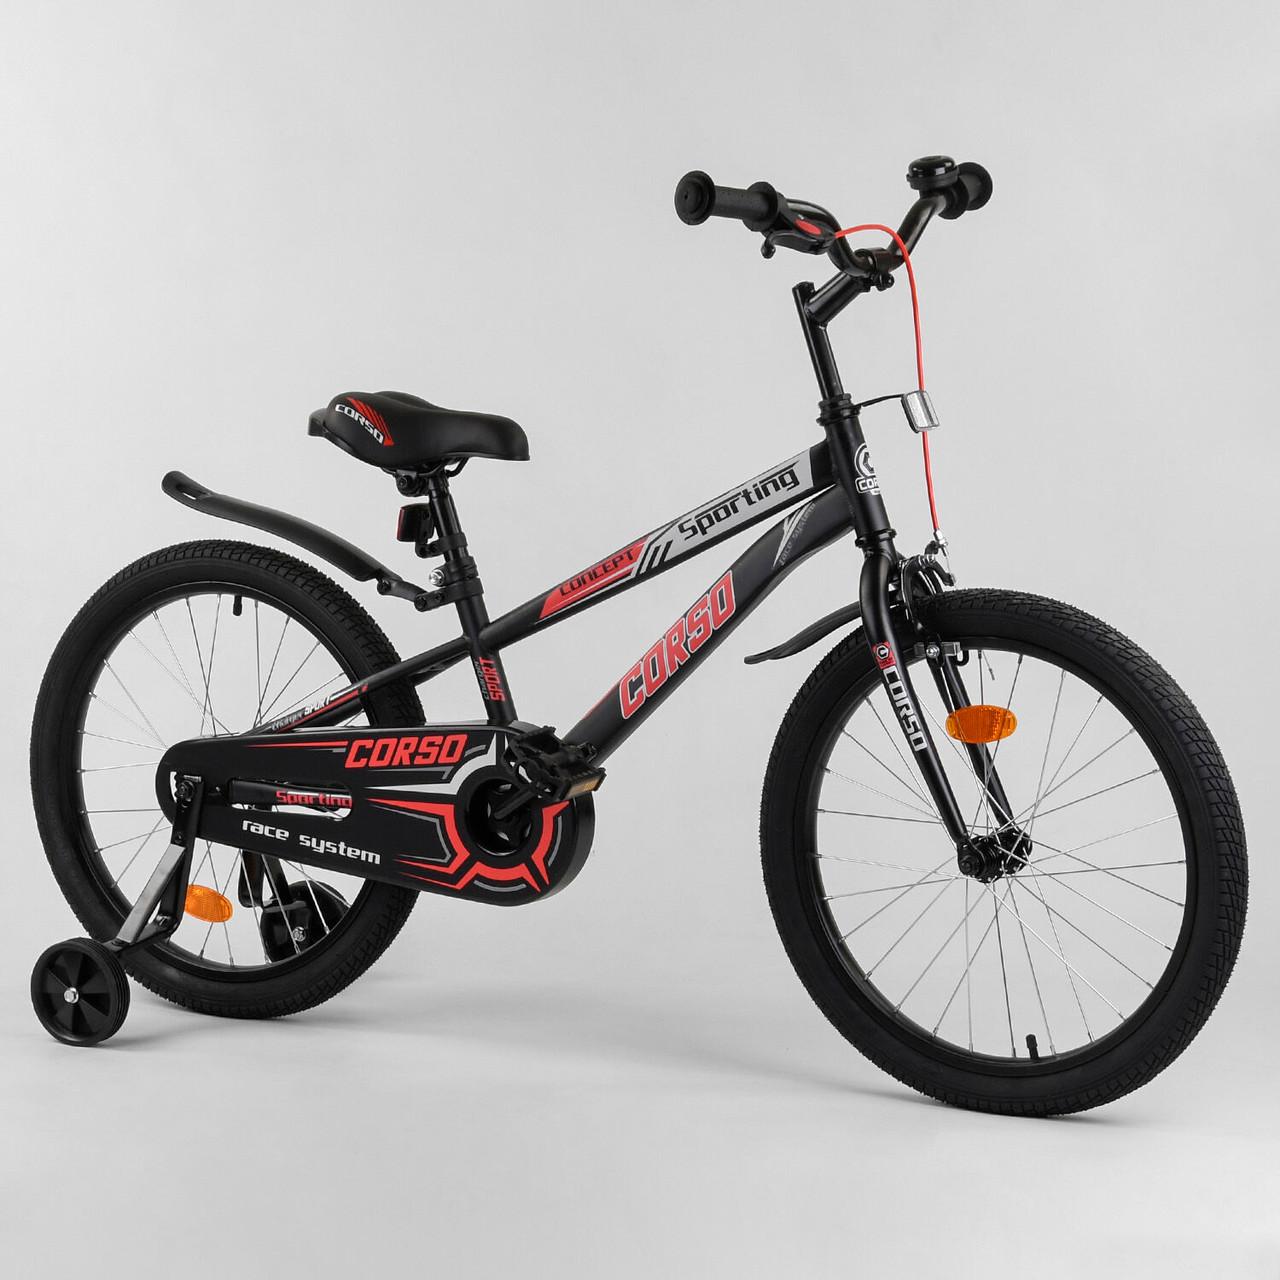 Велосипед дитячий для хлопчика дівчинки 7 8 9 років колеса 20 дюймів Corso R-20607